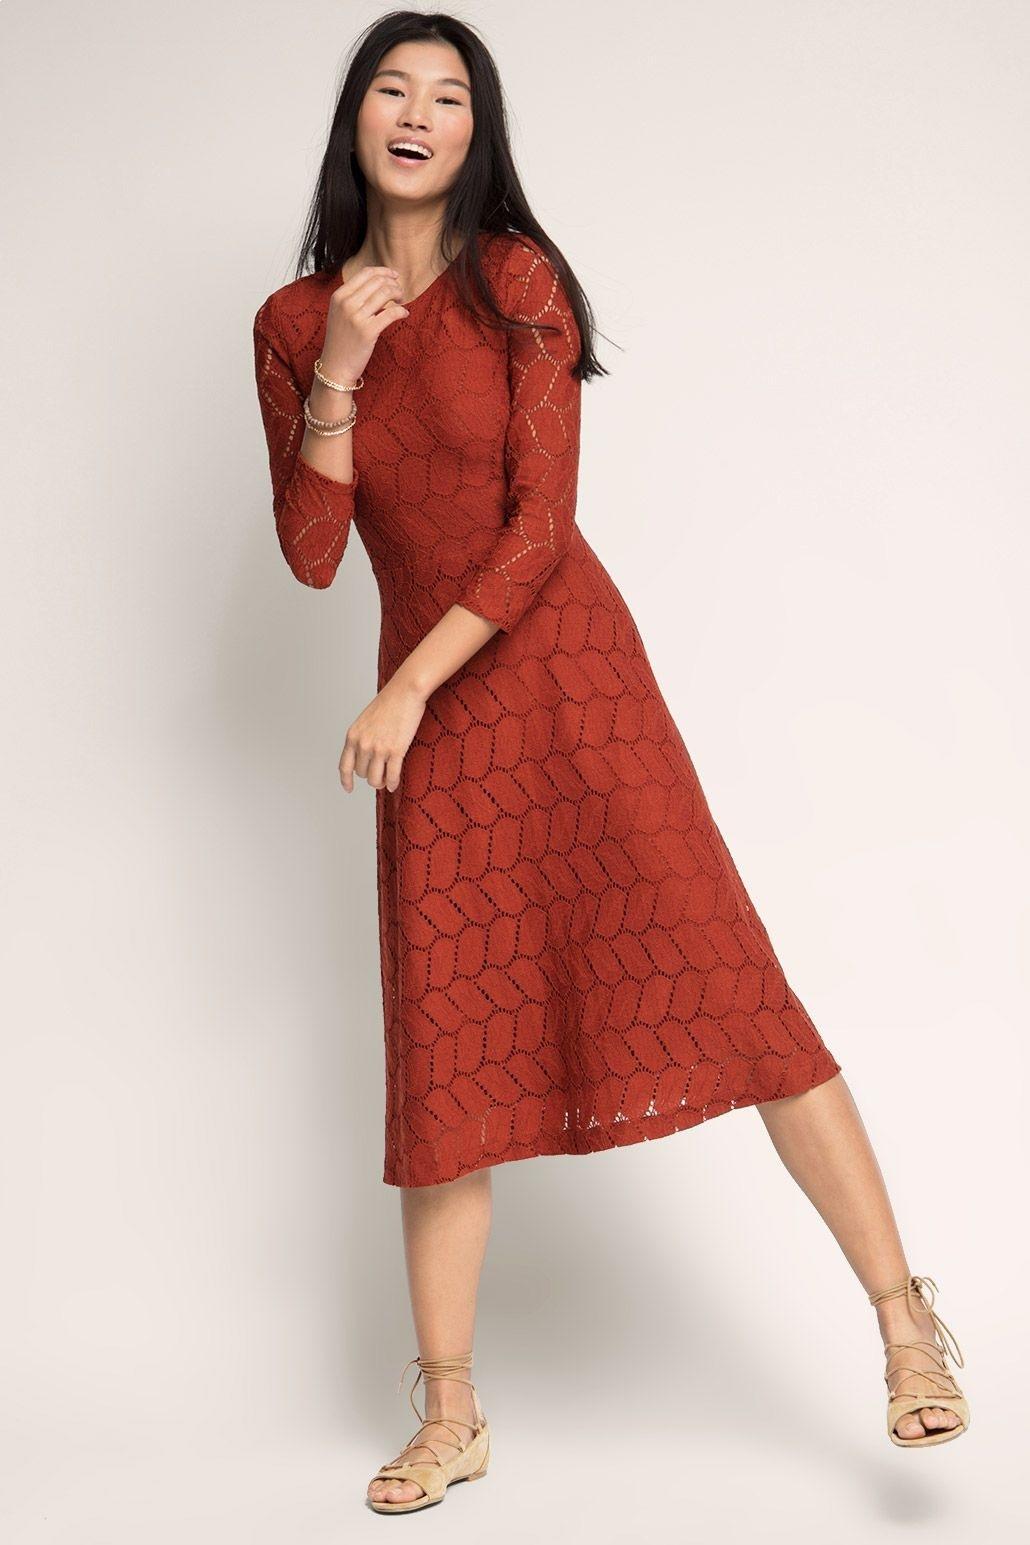 Spektakulär Kleider Für Jeden Anlass Spezialgebiet10 Genial Kleider Für Jeden Anlass für 2019